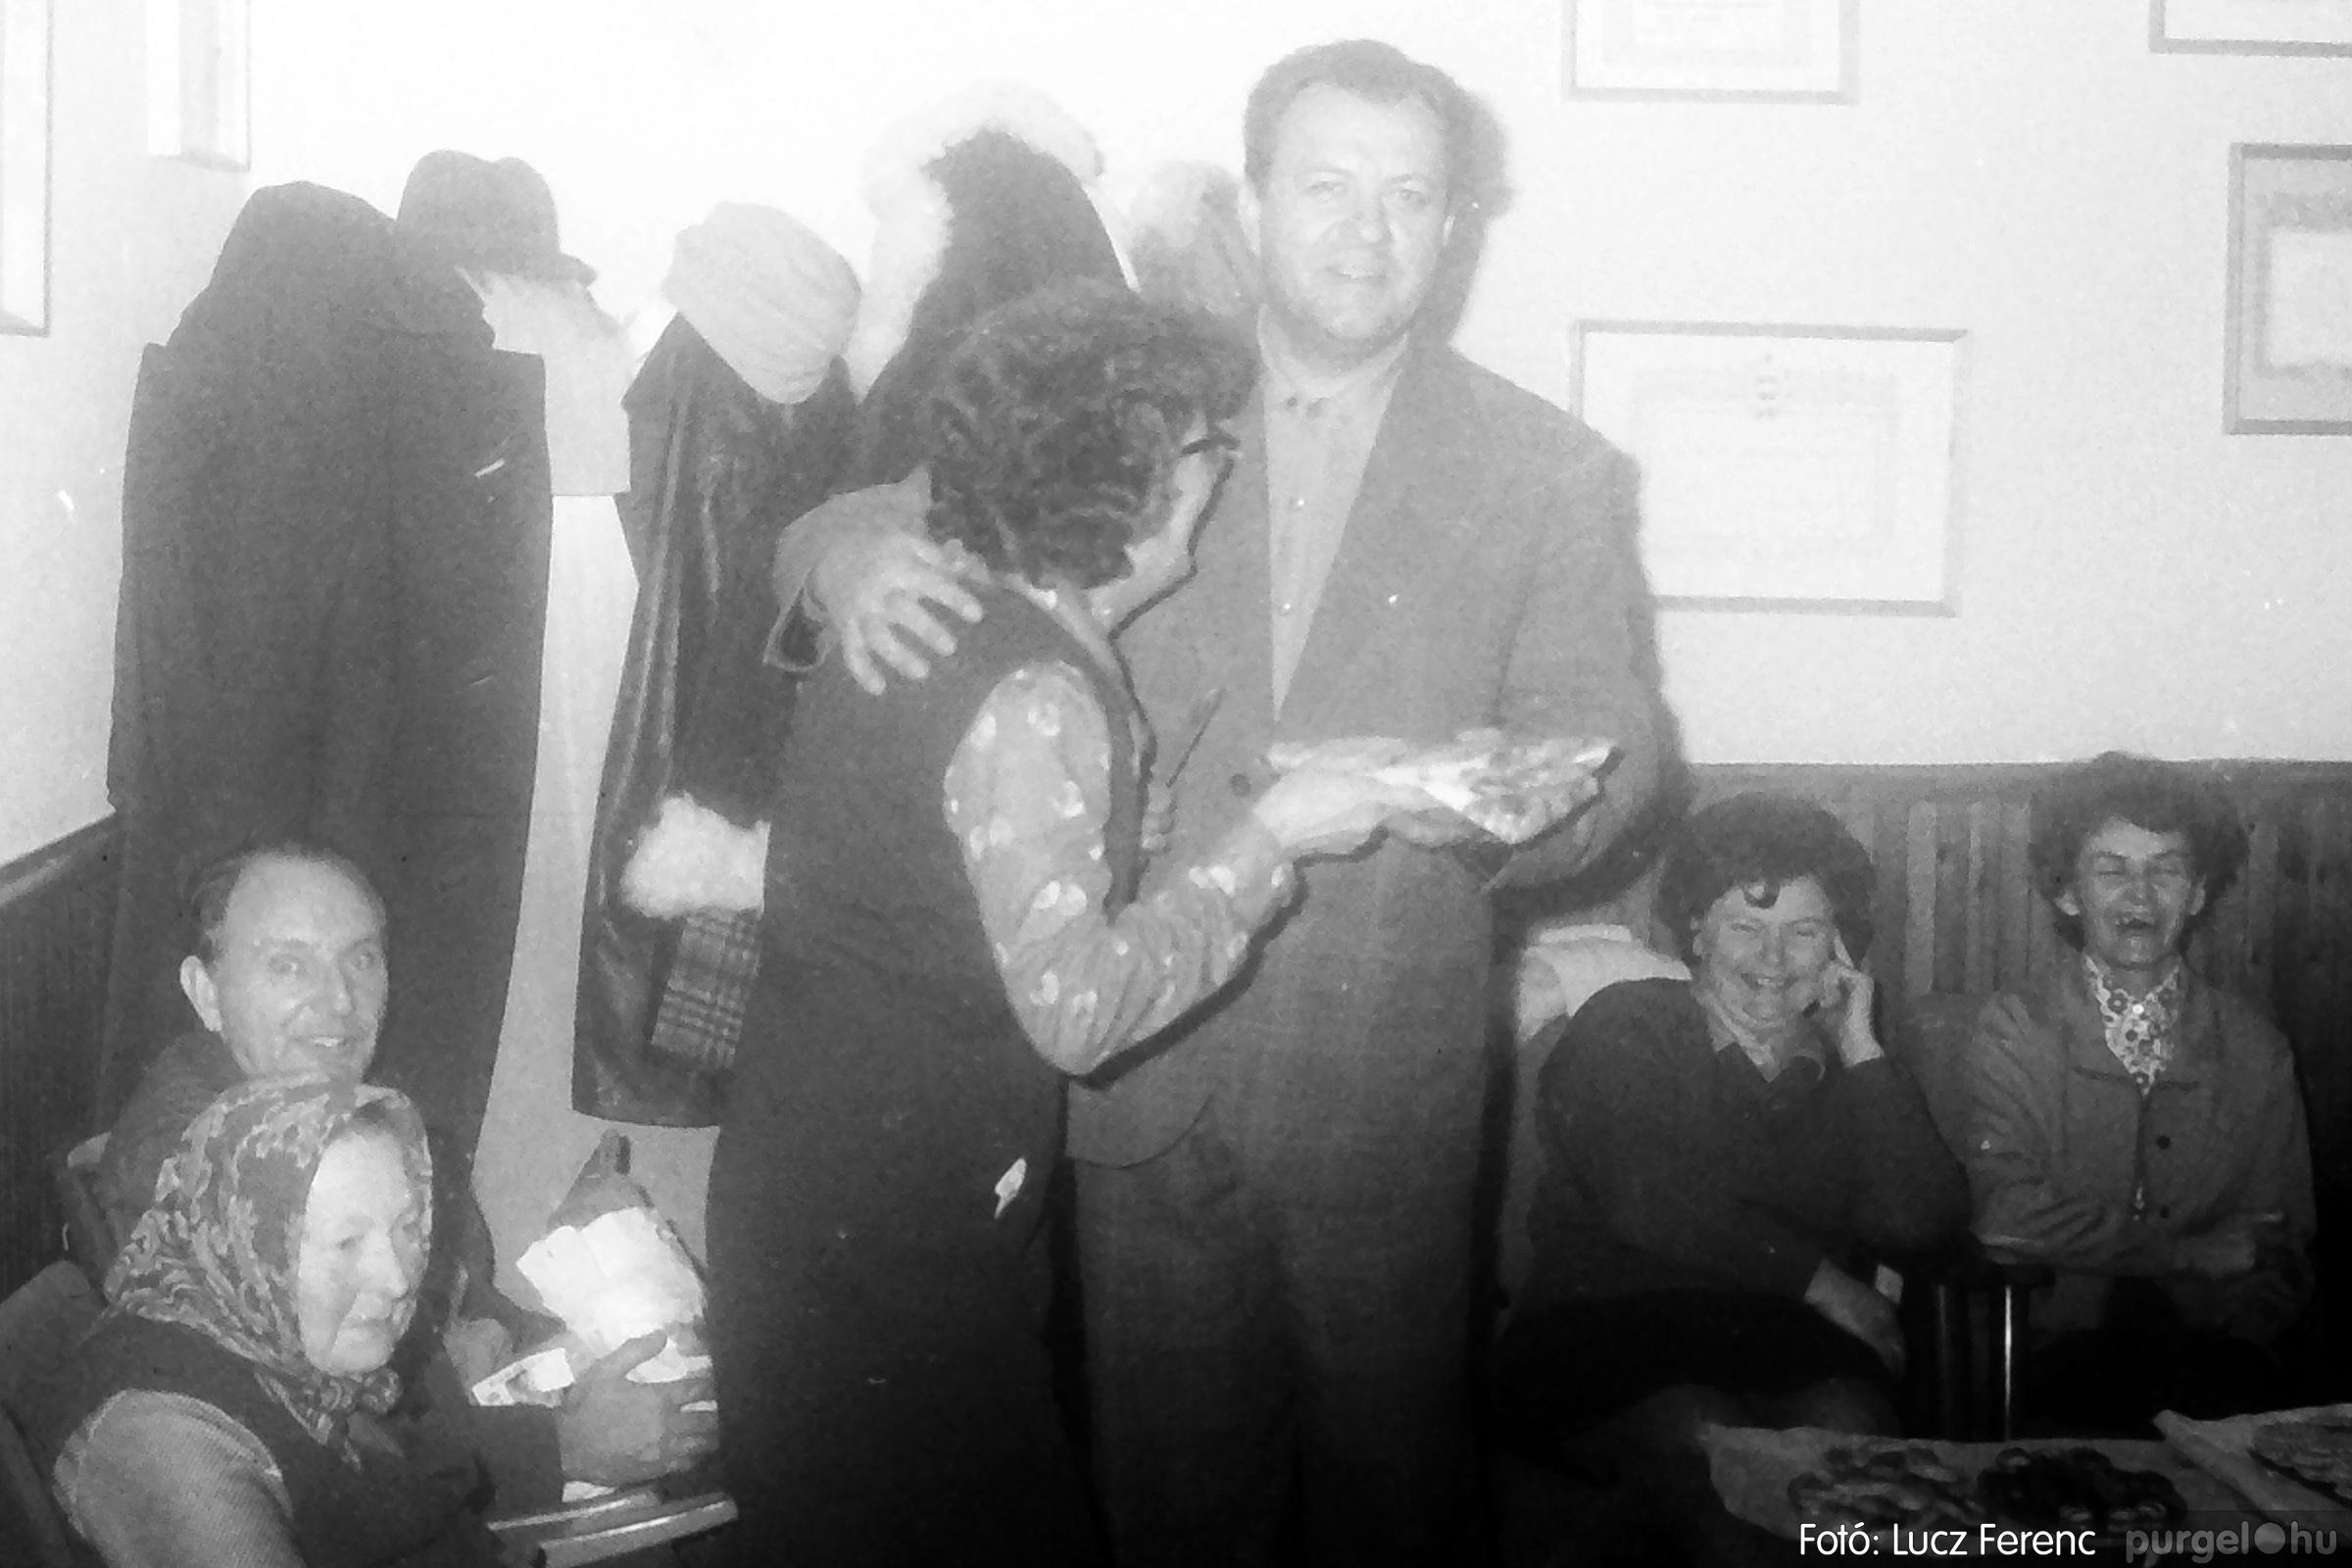 096. 1977. Karácsonyi összejövetel a kultúrházban 002. - Fotó: Lucz Ferenc.jpg